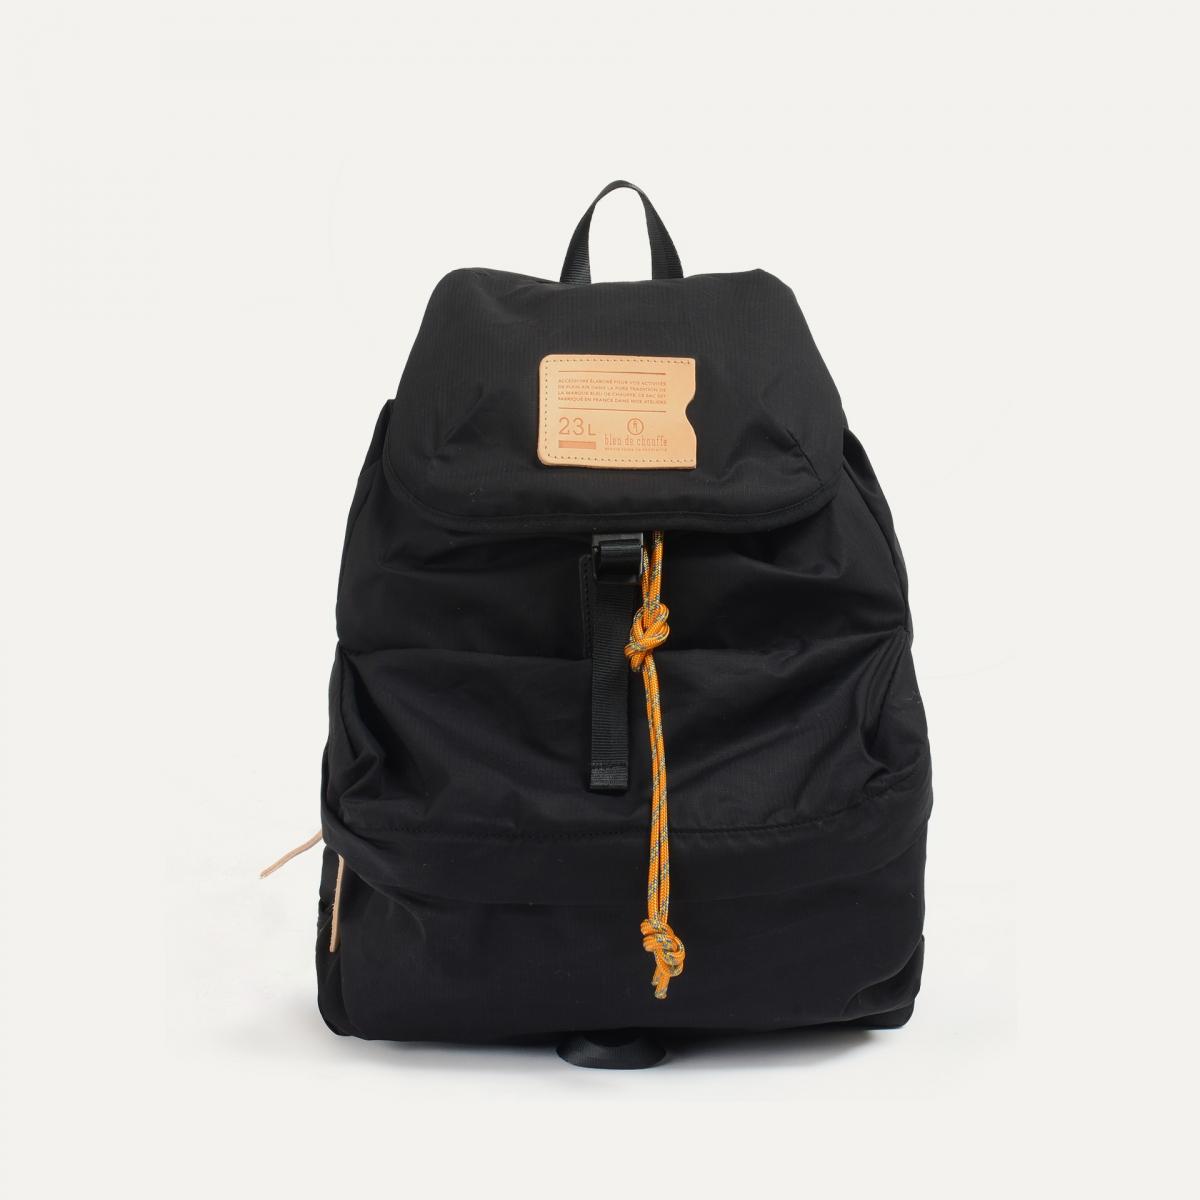 23L Bayou Backpack - Black (image n°1)